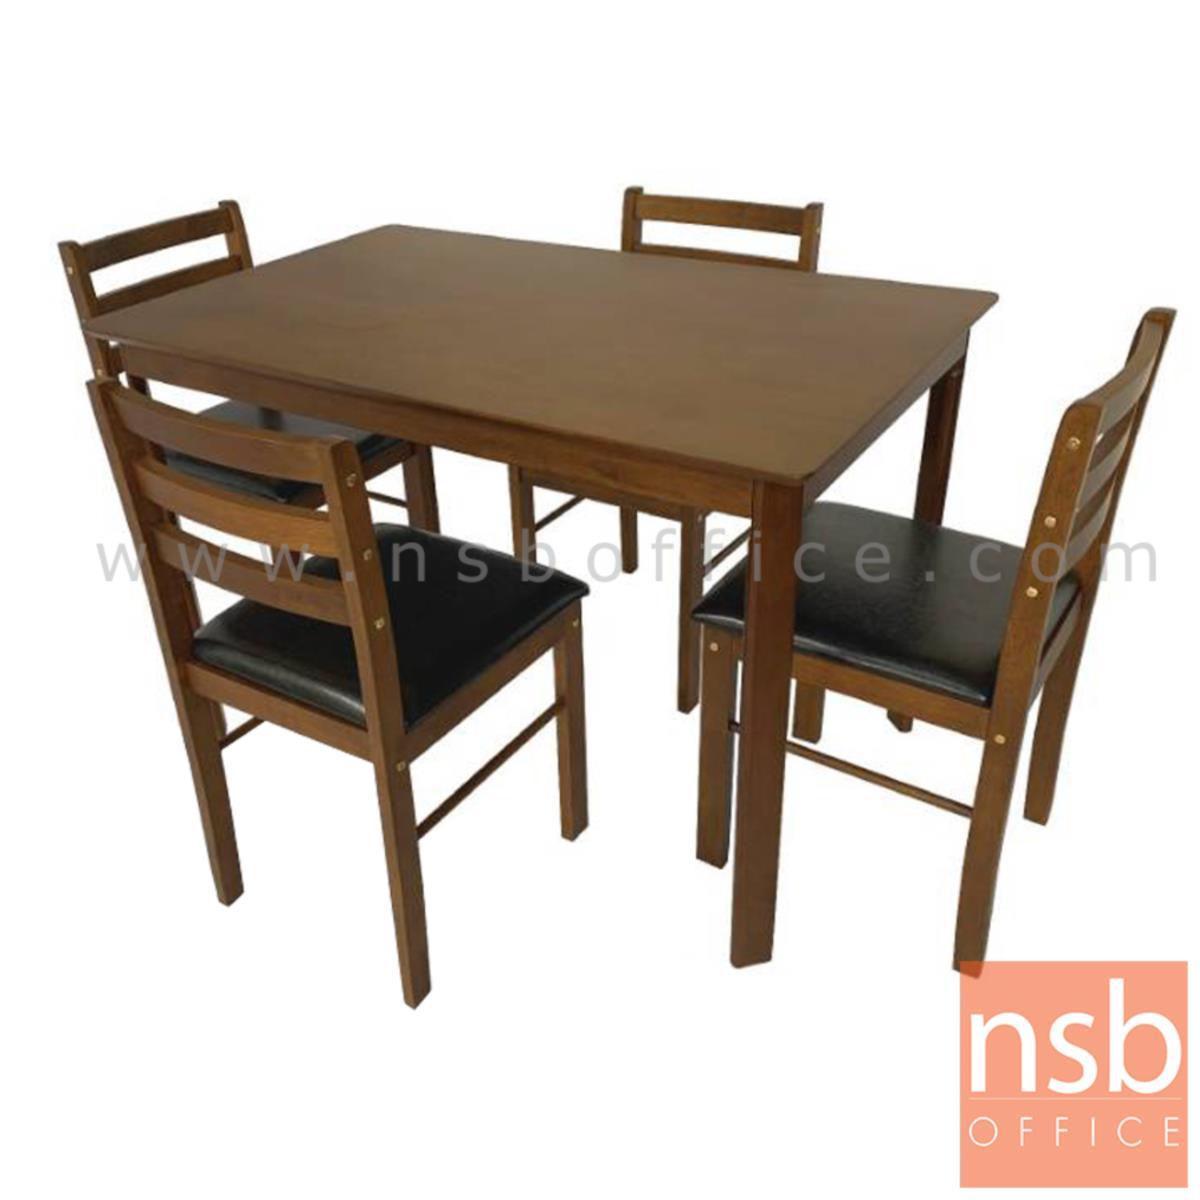 G14A202:ชุดโต๊ะรับประทานอาหาร 4 ที่นั่ง รุ่น Jacob (เจคอบ)  โครงไม้ยางพารา